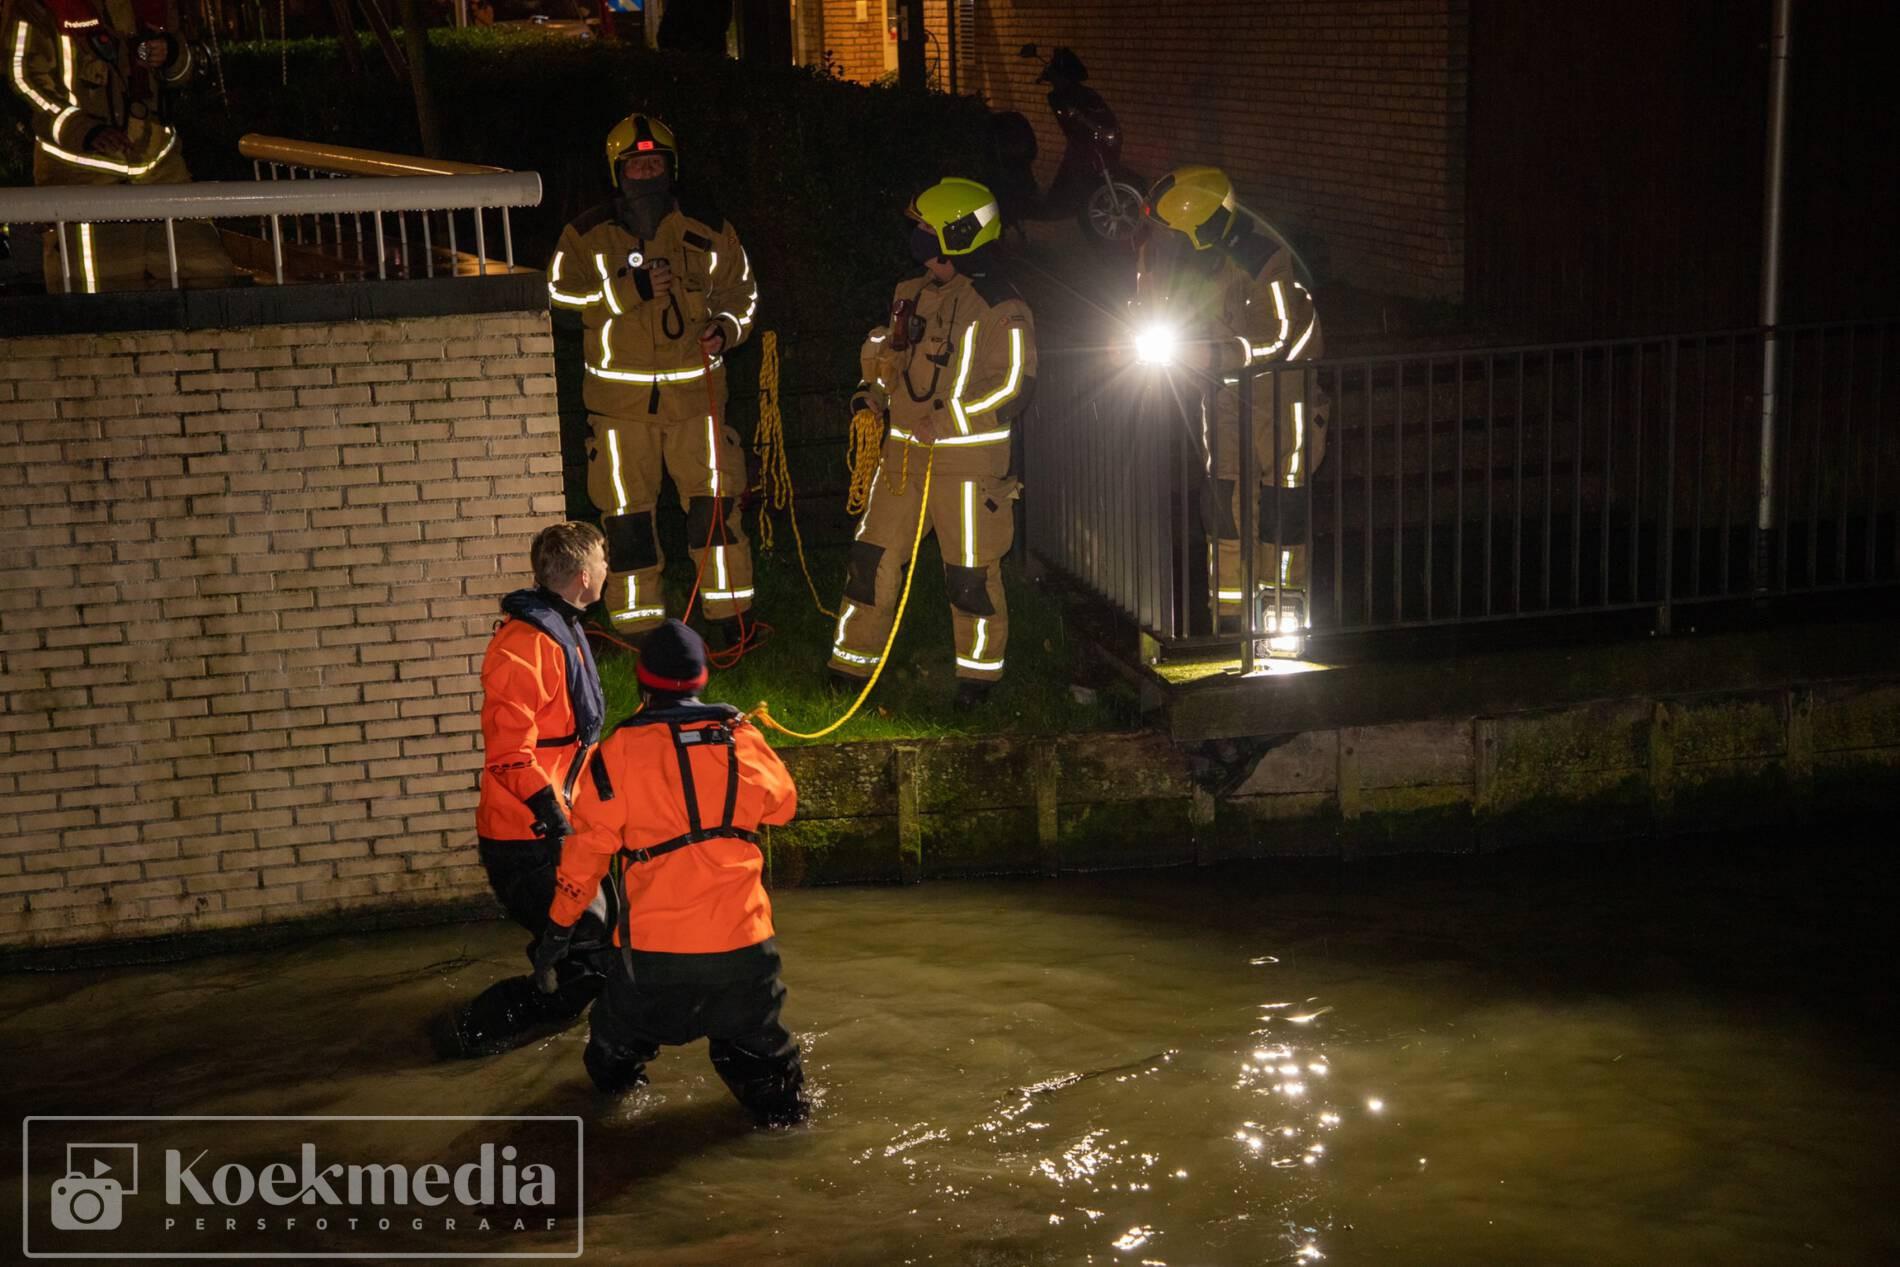 Achtergelaten kinderfiets zorgt voor zoekslag brandweer in sloot aan de Goudappel Den Hoorn